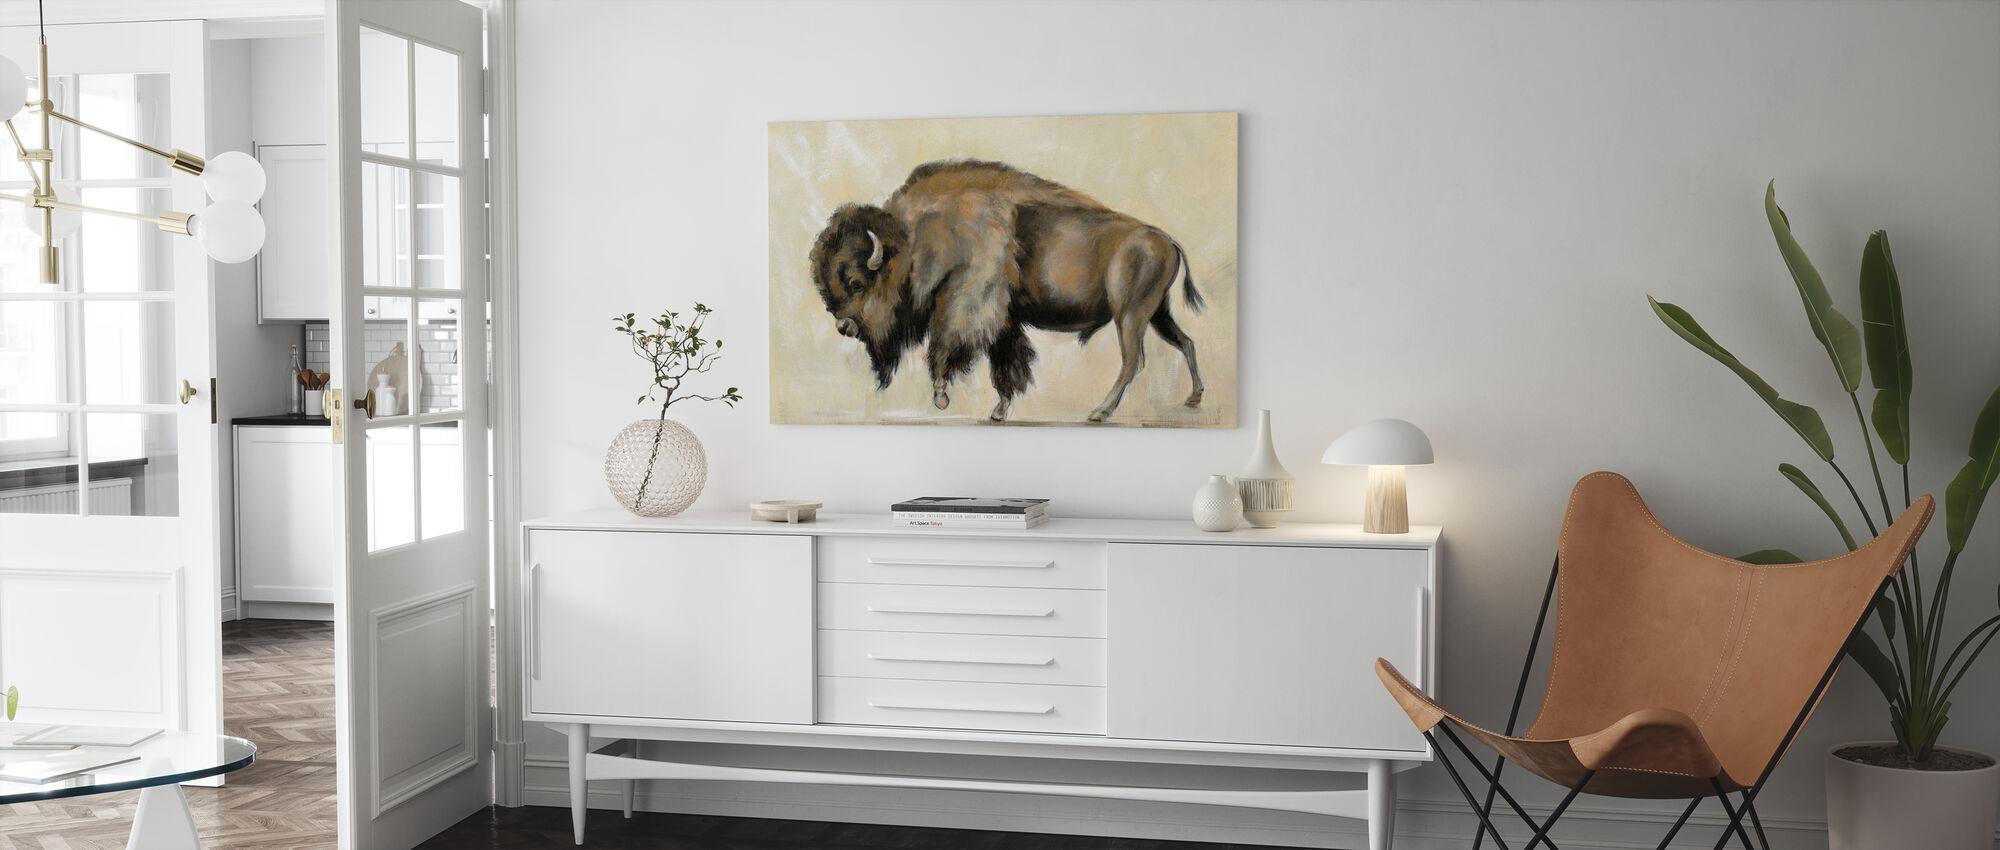 Brons Buffalo - Canvastavla - Vardagsrum